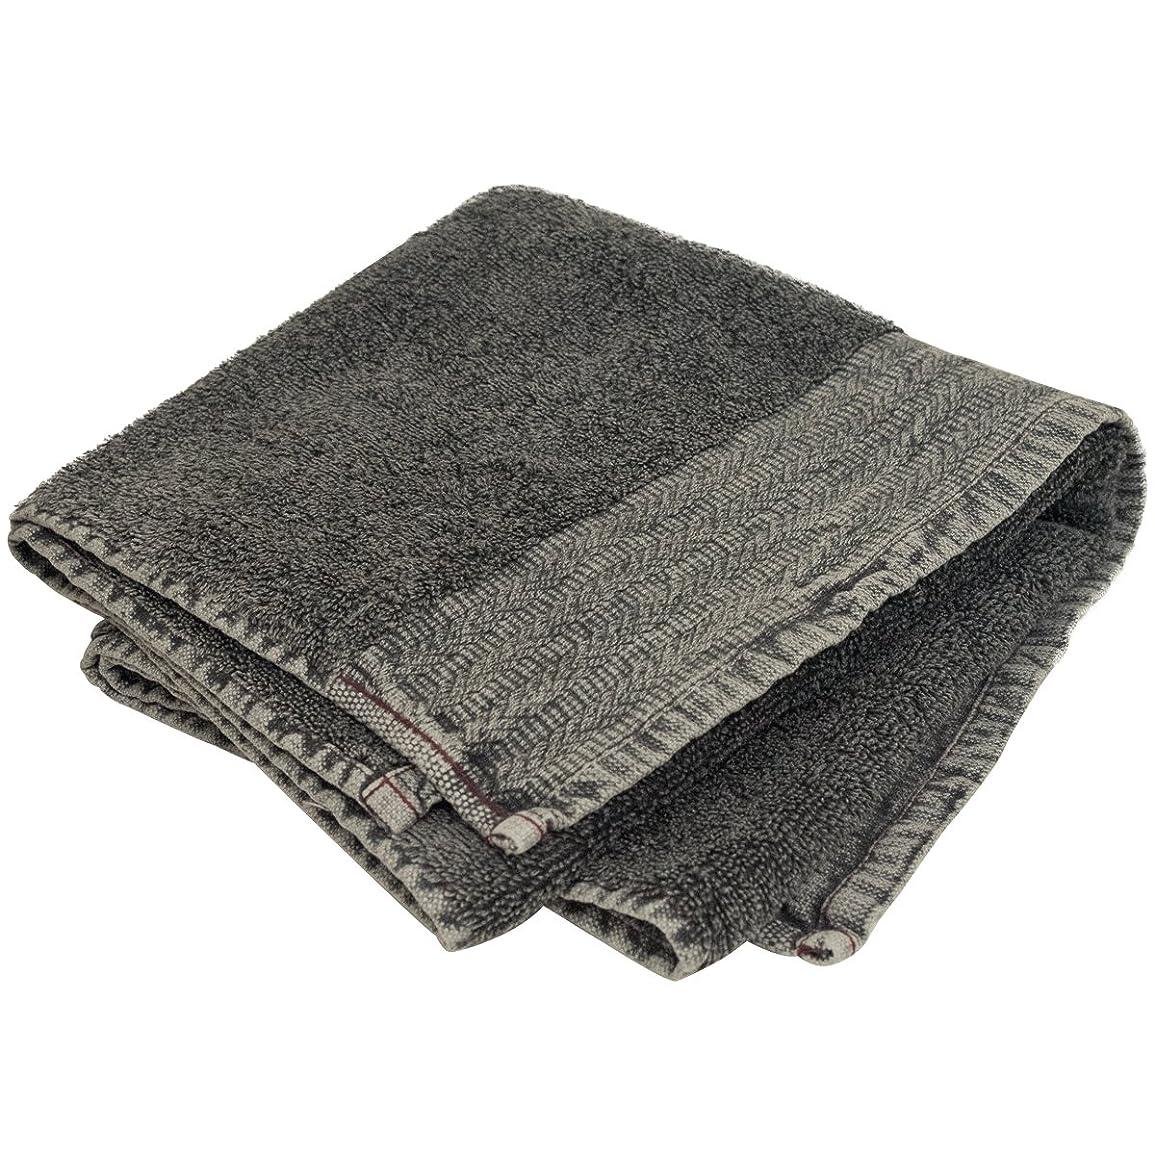 圧力独裁とげのあるStone Washed Towel ストーンウォッシュタオル (Jacquard/BK, 45×85cm)